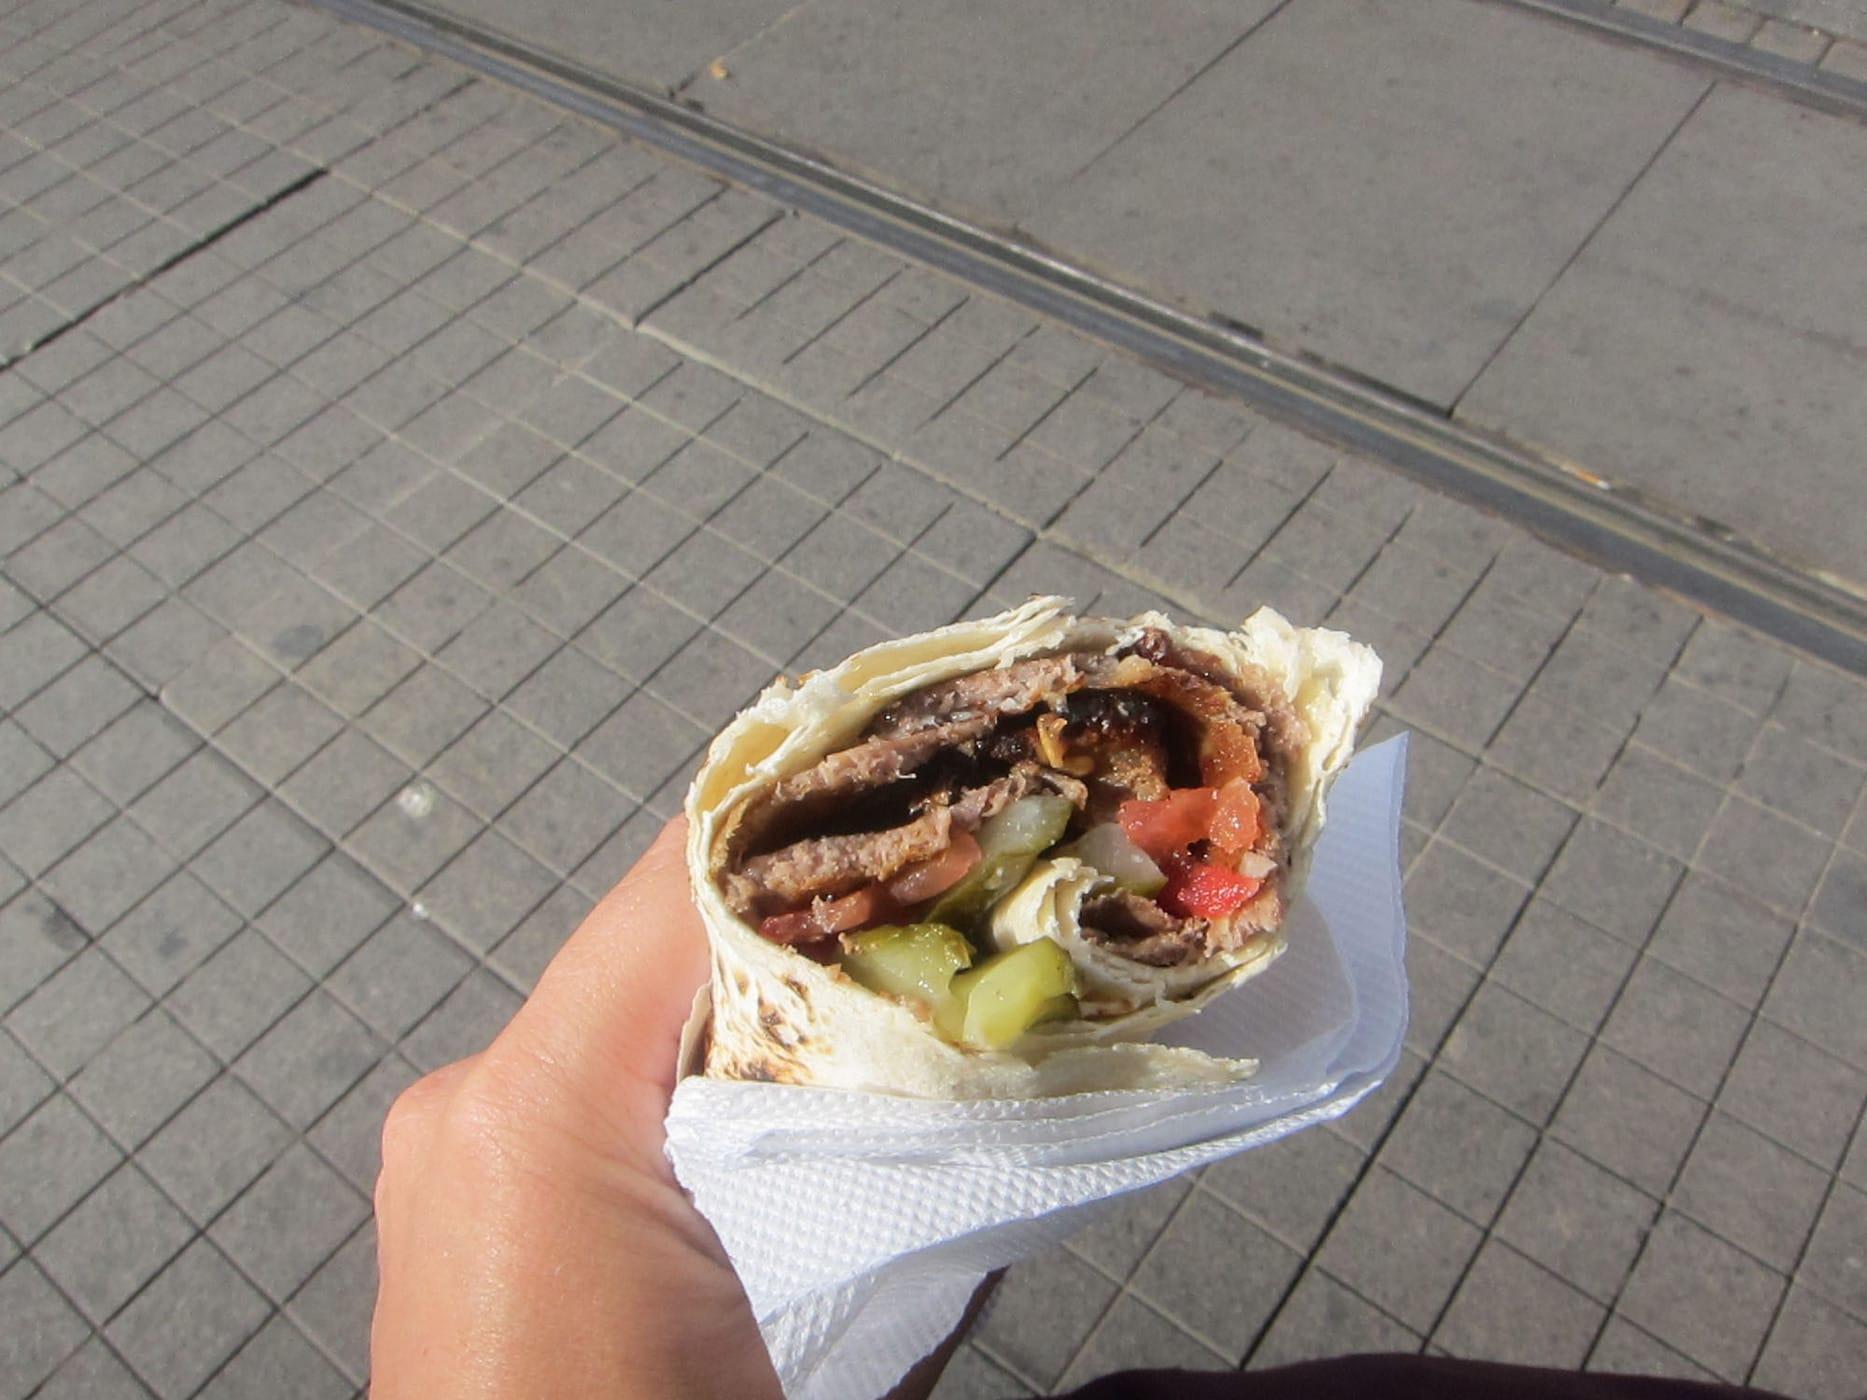 Doner kebap in Istanbul, Turkey